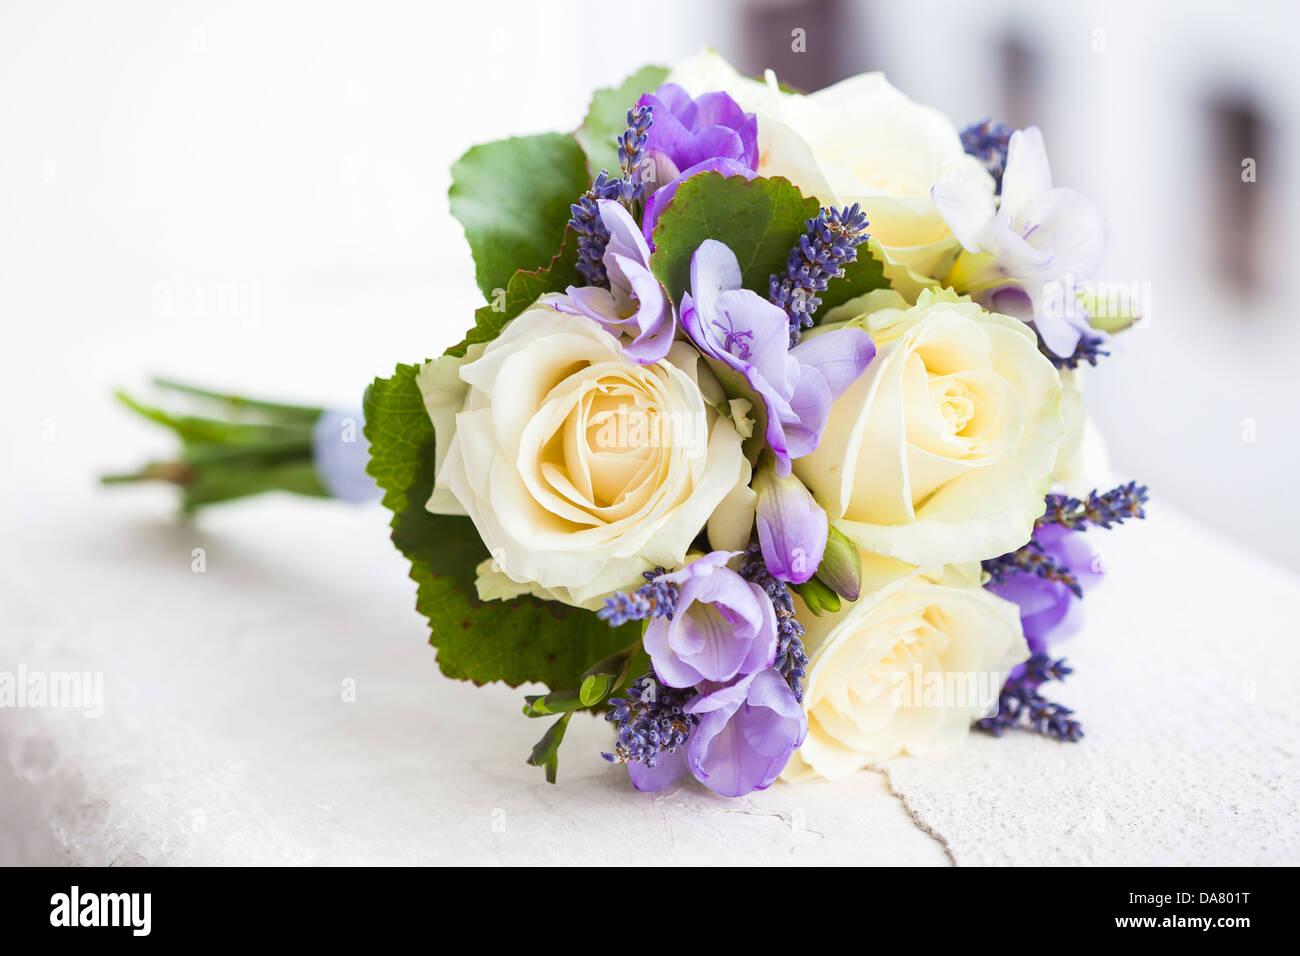 Brautstrauss Mit Gelben Rosen Und Lavendel Blumen Stockfoto Bild